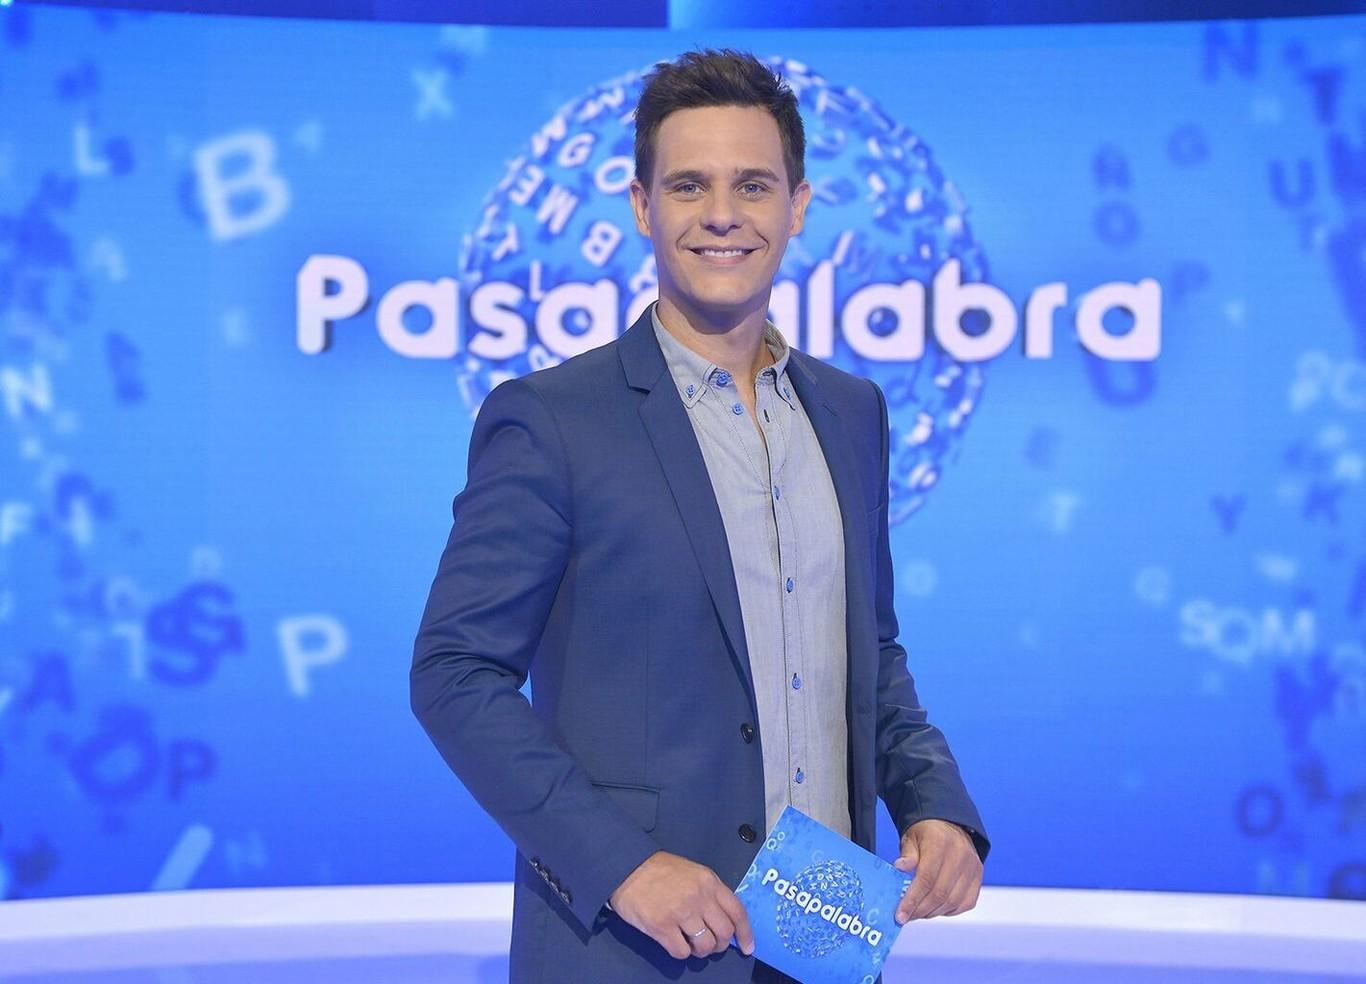 'Pasapalabra' ya tiene sustituto: Telecinco prepara un nuevo concurso presentado por Christian Gálvez